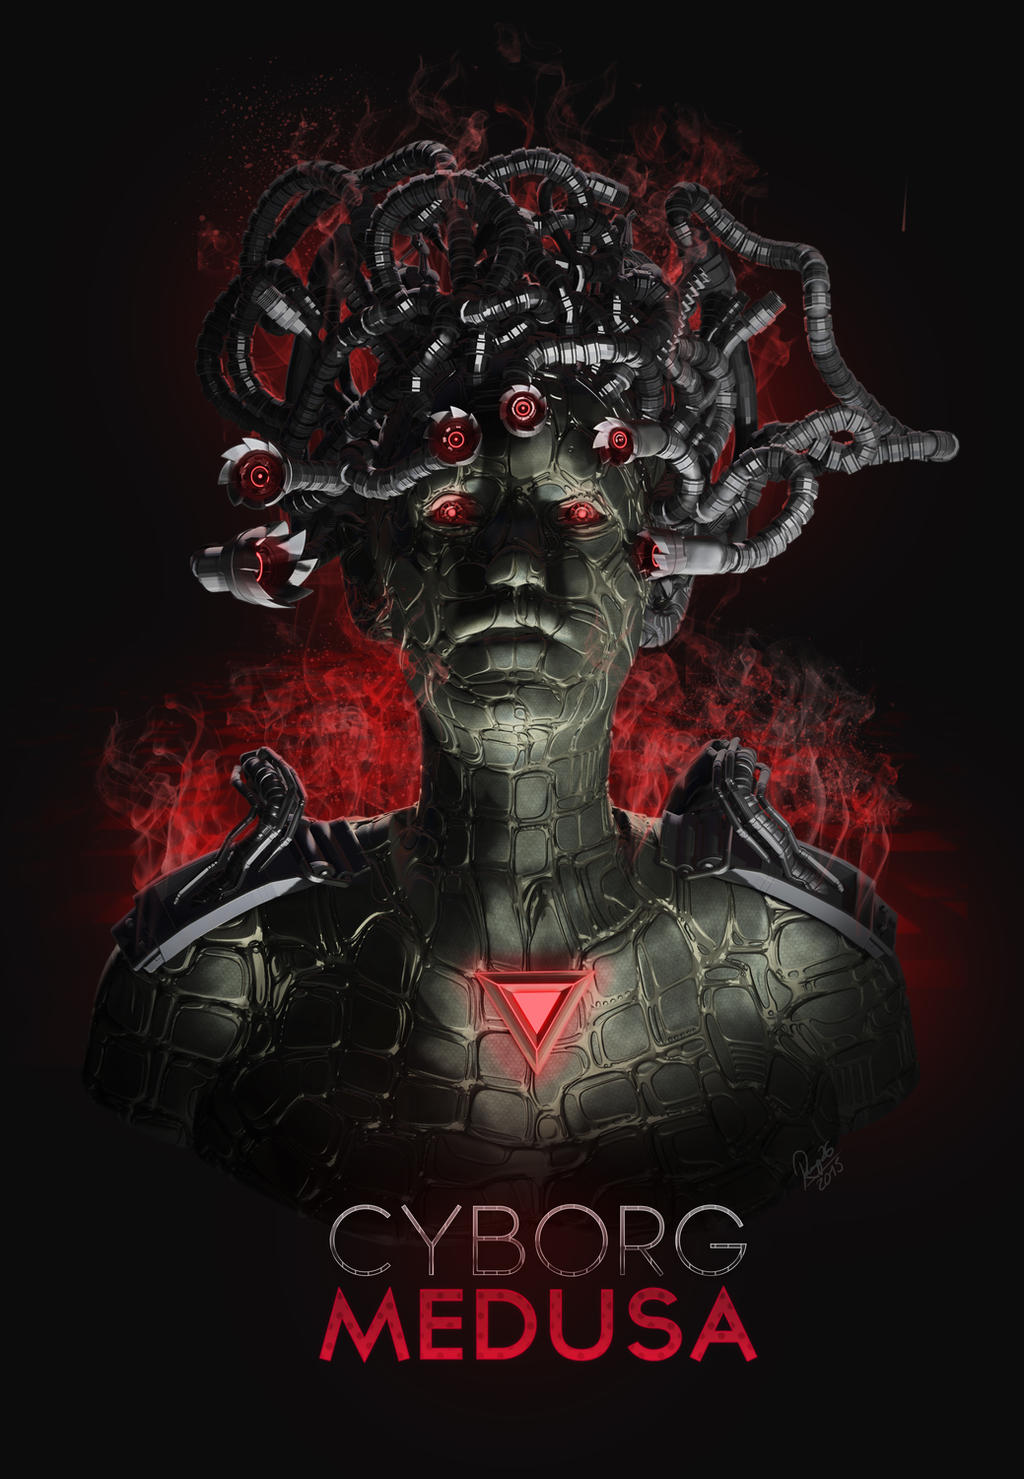 Cyborg Medusa by ArrtMan